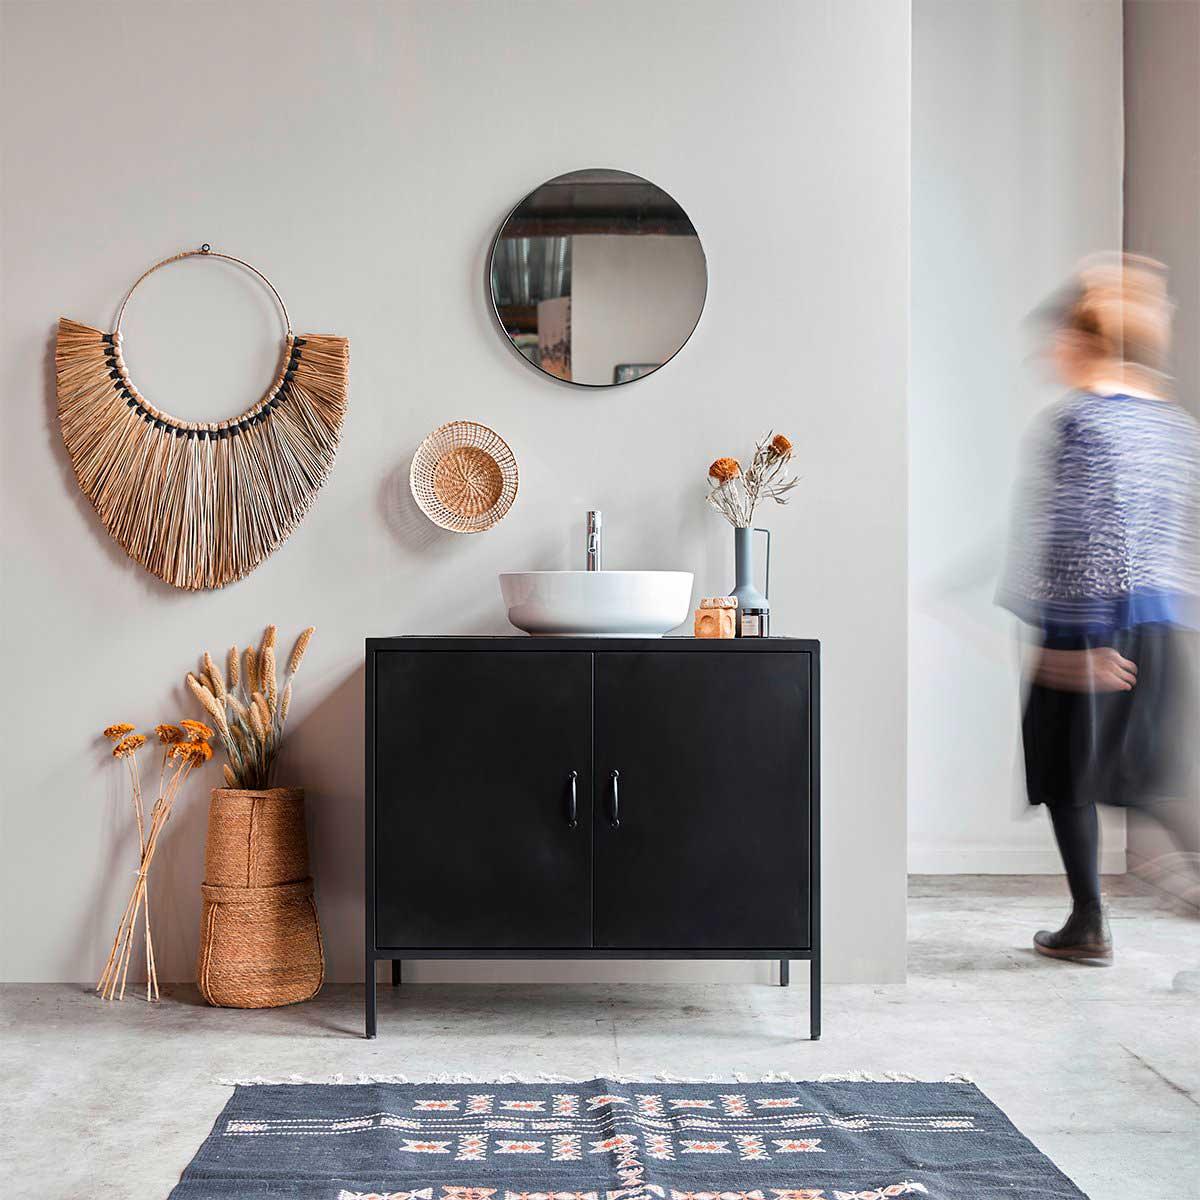 18 meubles sous vasque noirs pour la salle de bains